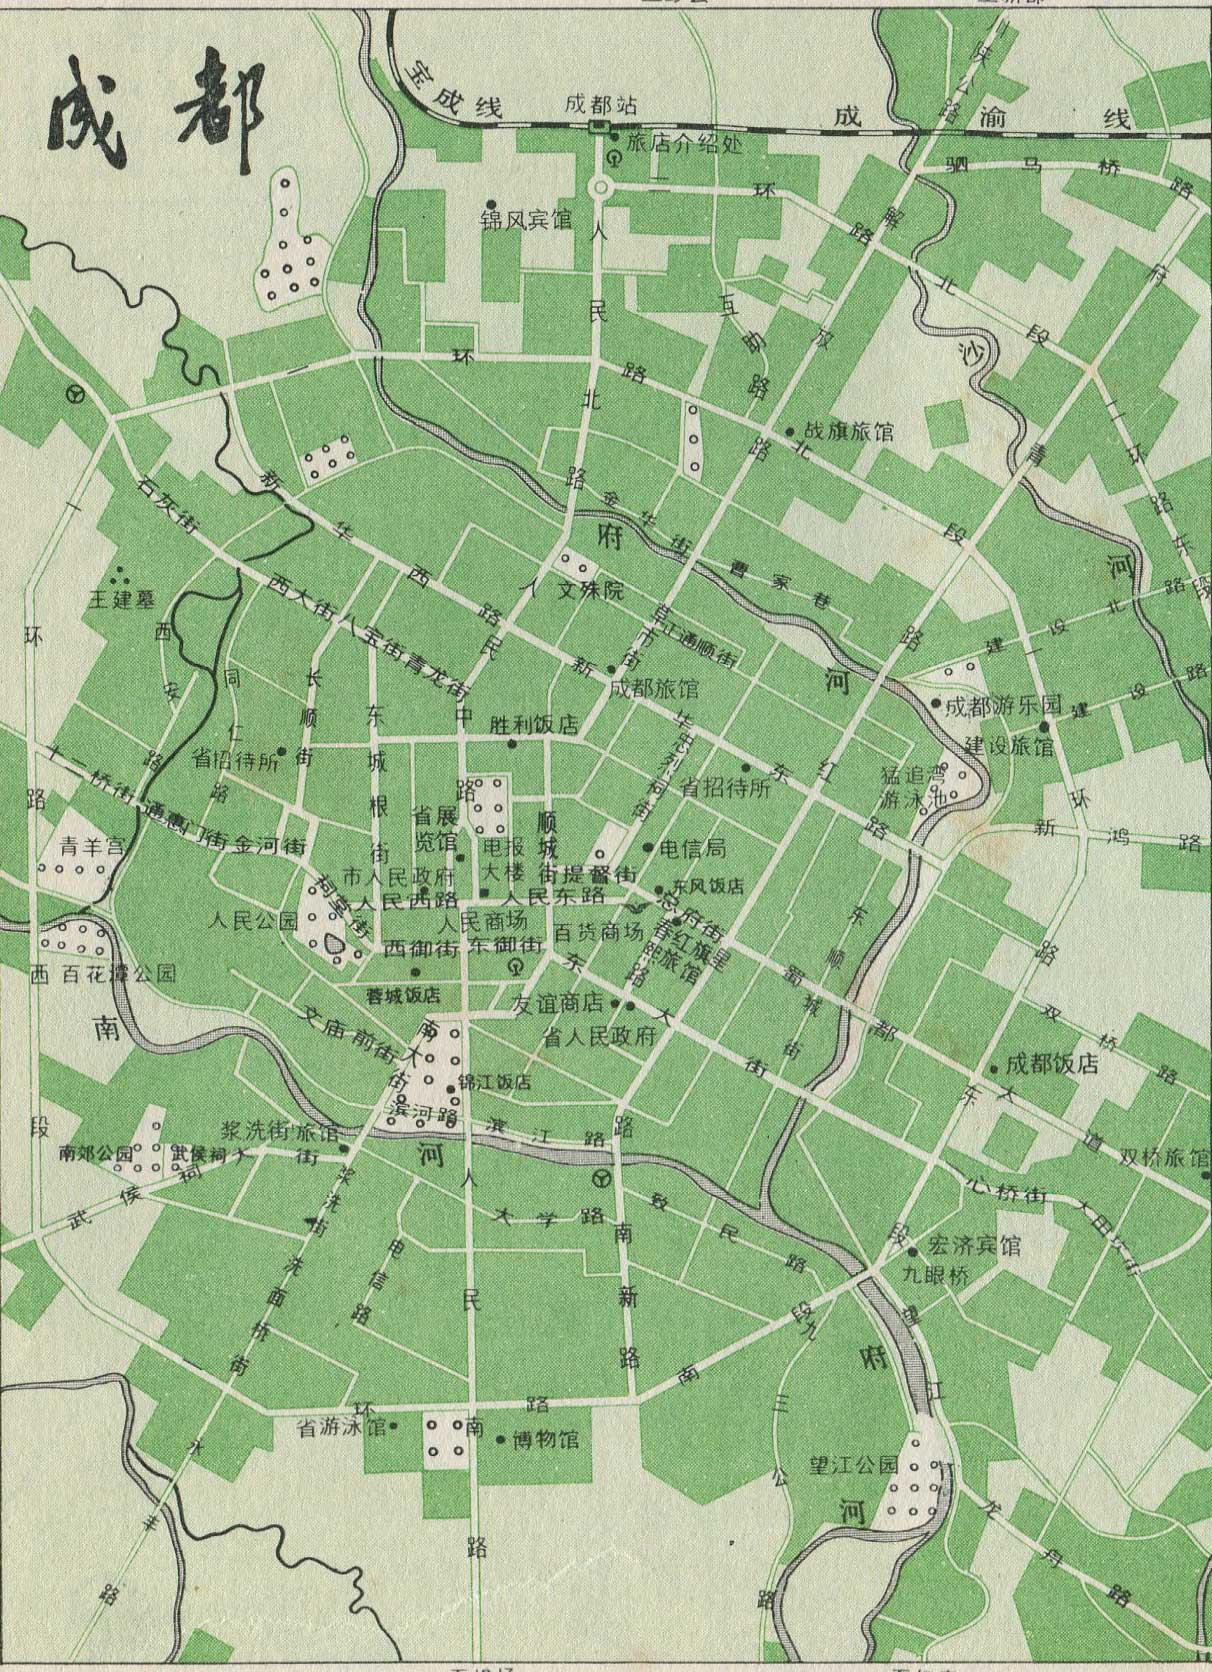 南宁市铁路线路图  | 铁路线路图 |  下一张地图: 贵阳市铁路线路图